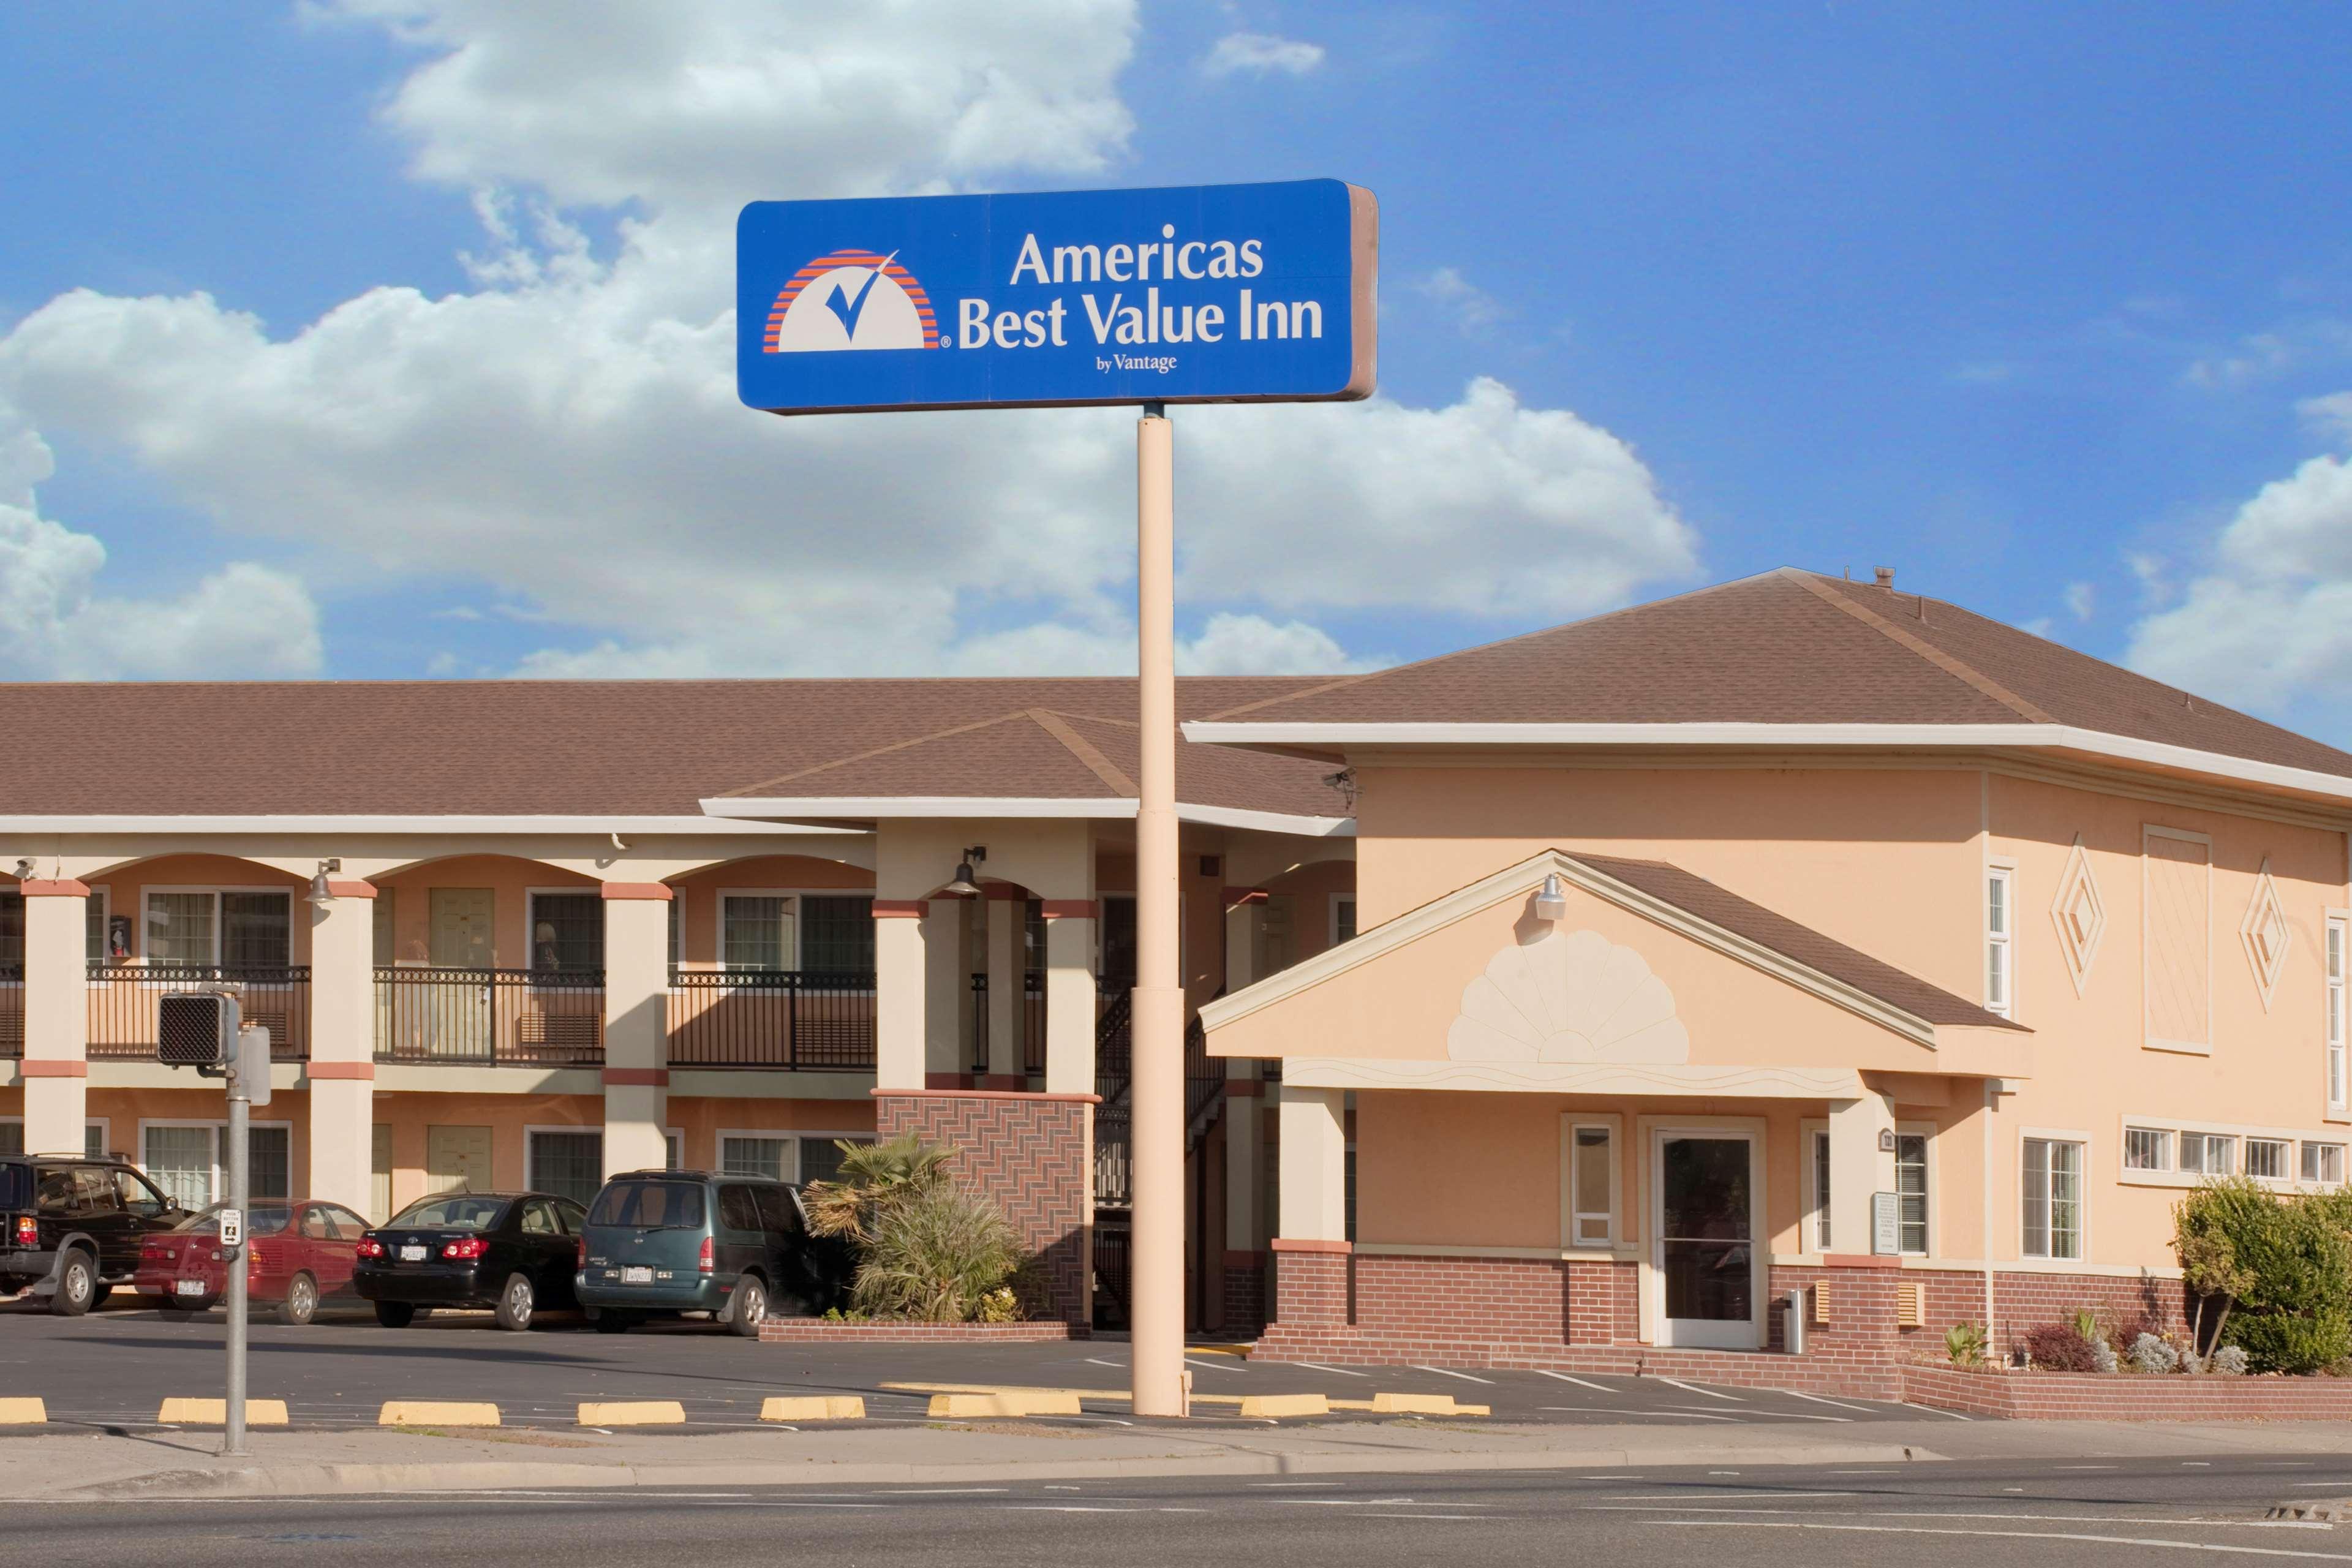 Americas Best Value Inn Marysville  Marysville California